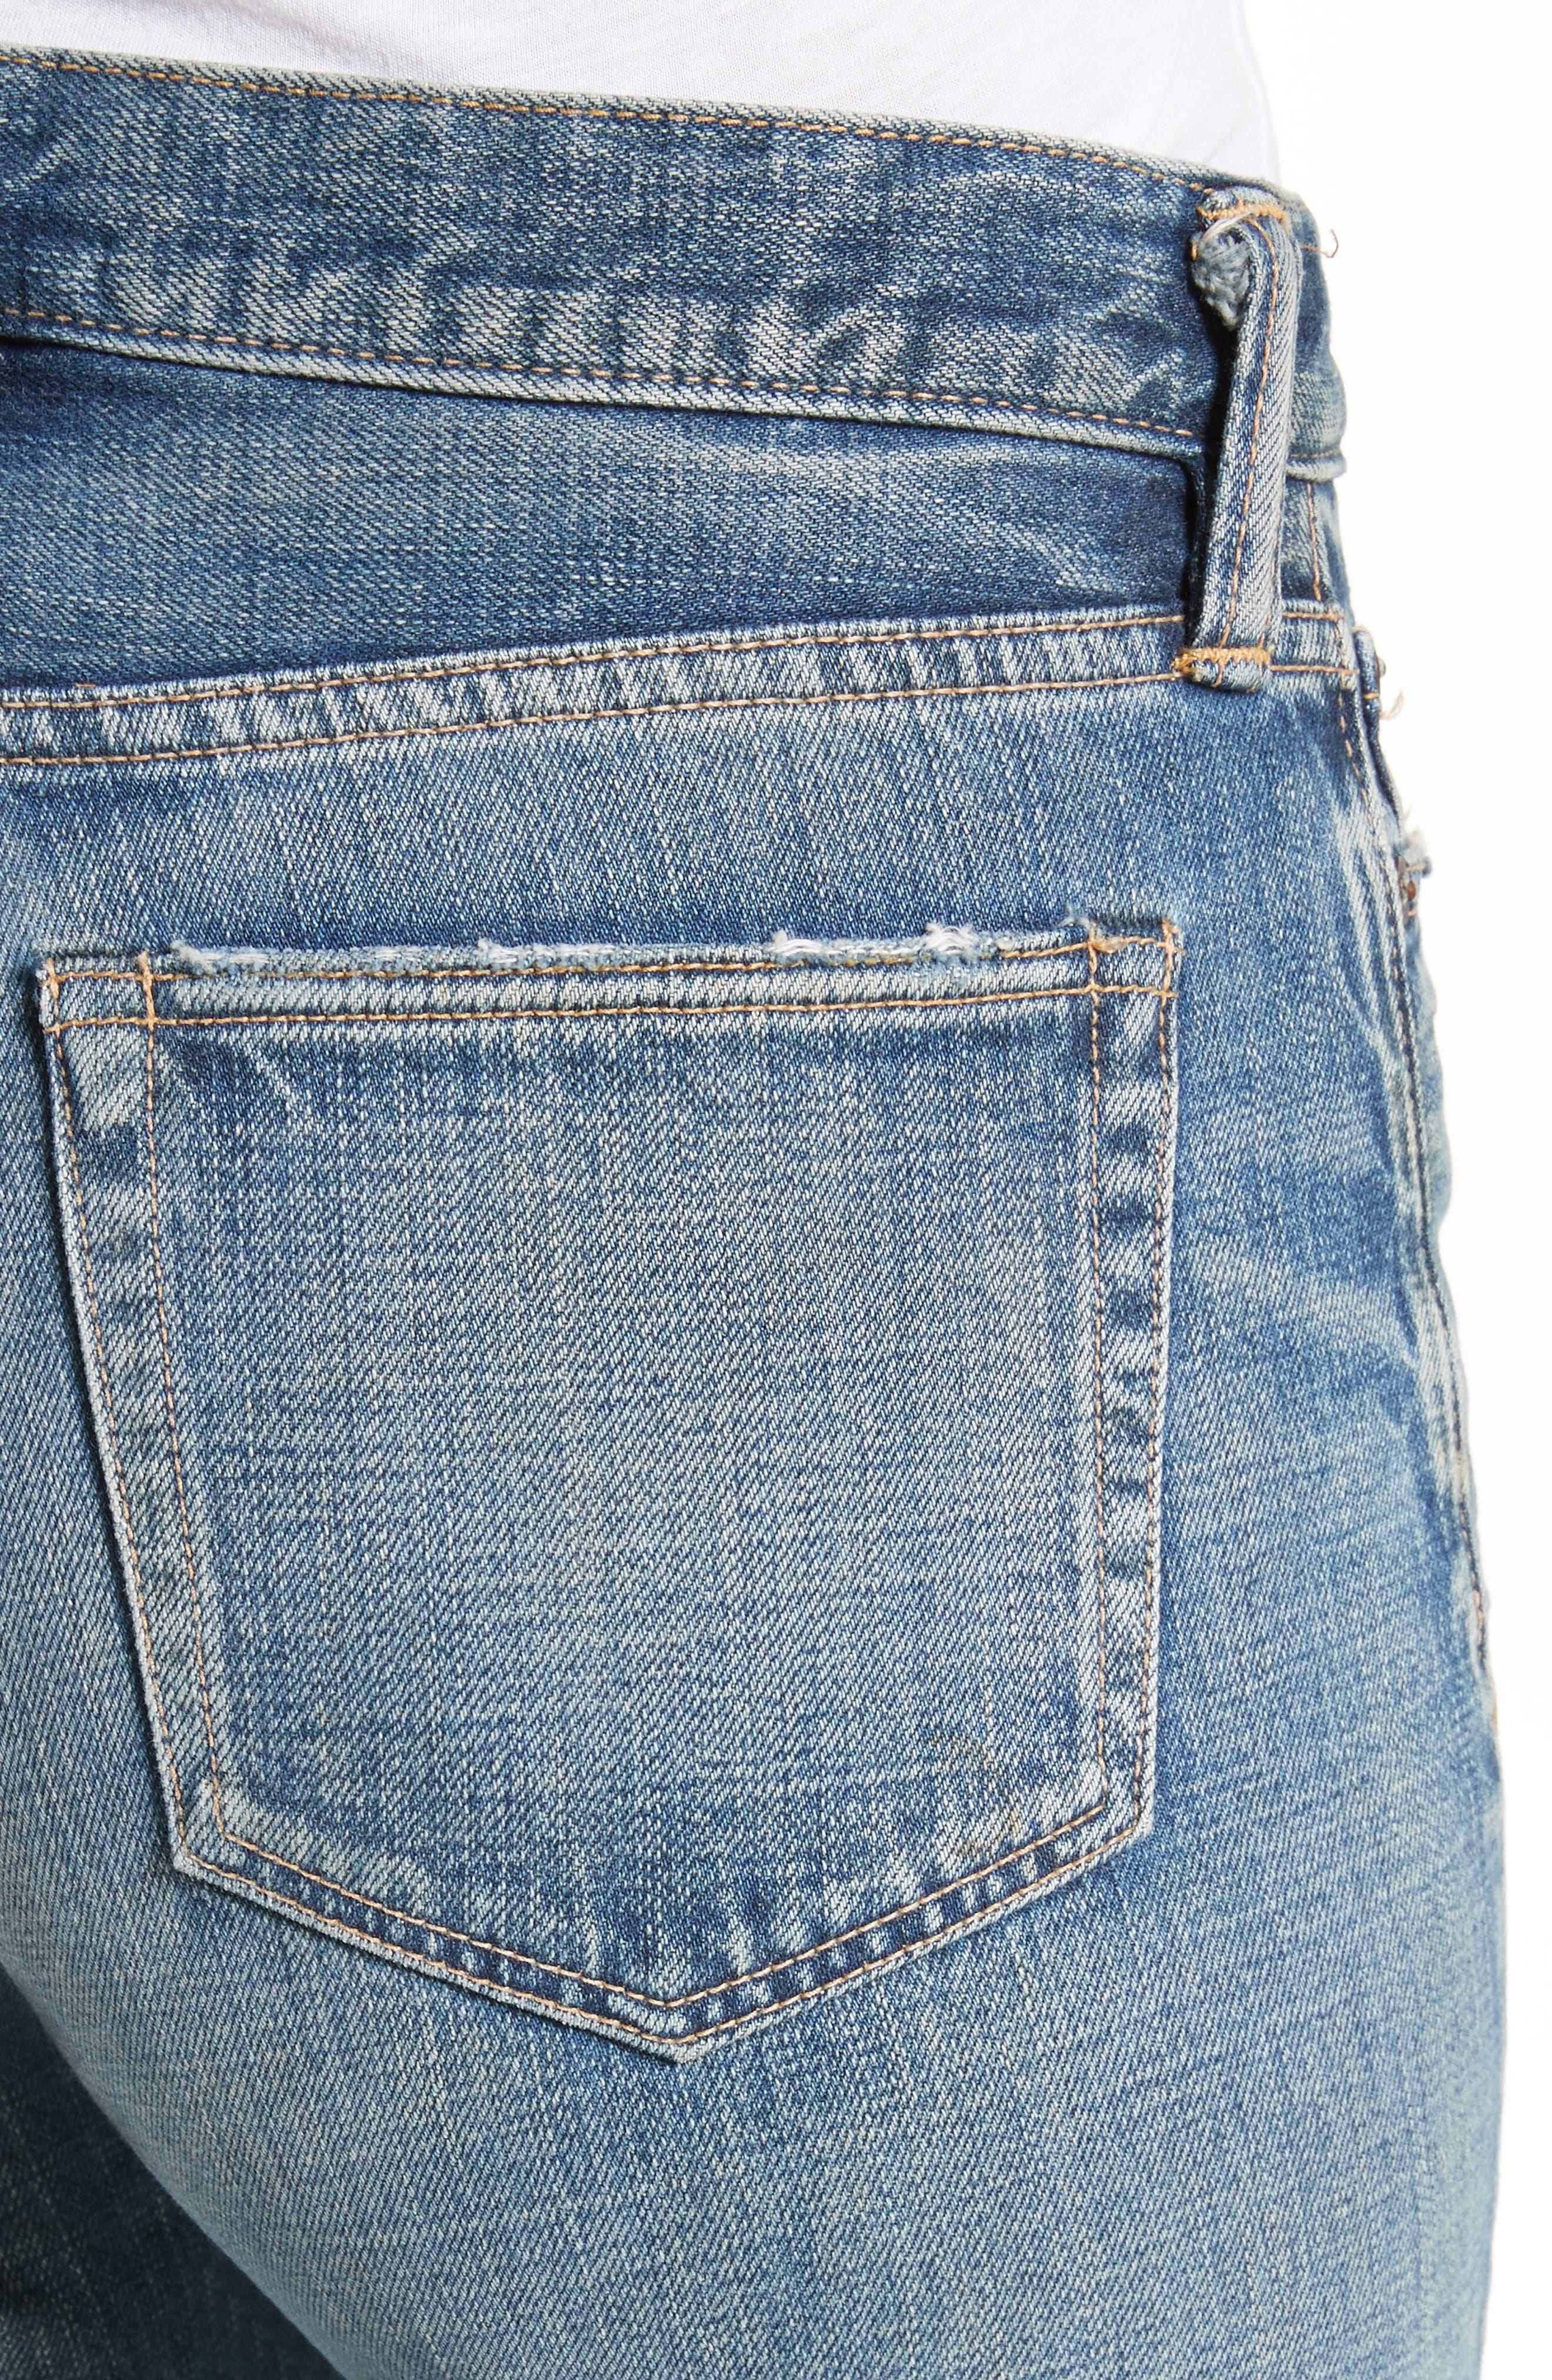 Gannett Denim Shorts,                             Alternate thumbnail 4, color,                             400